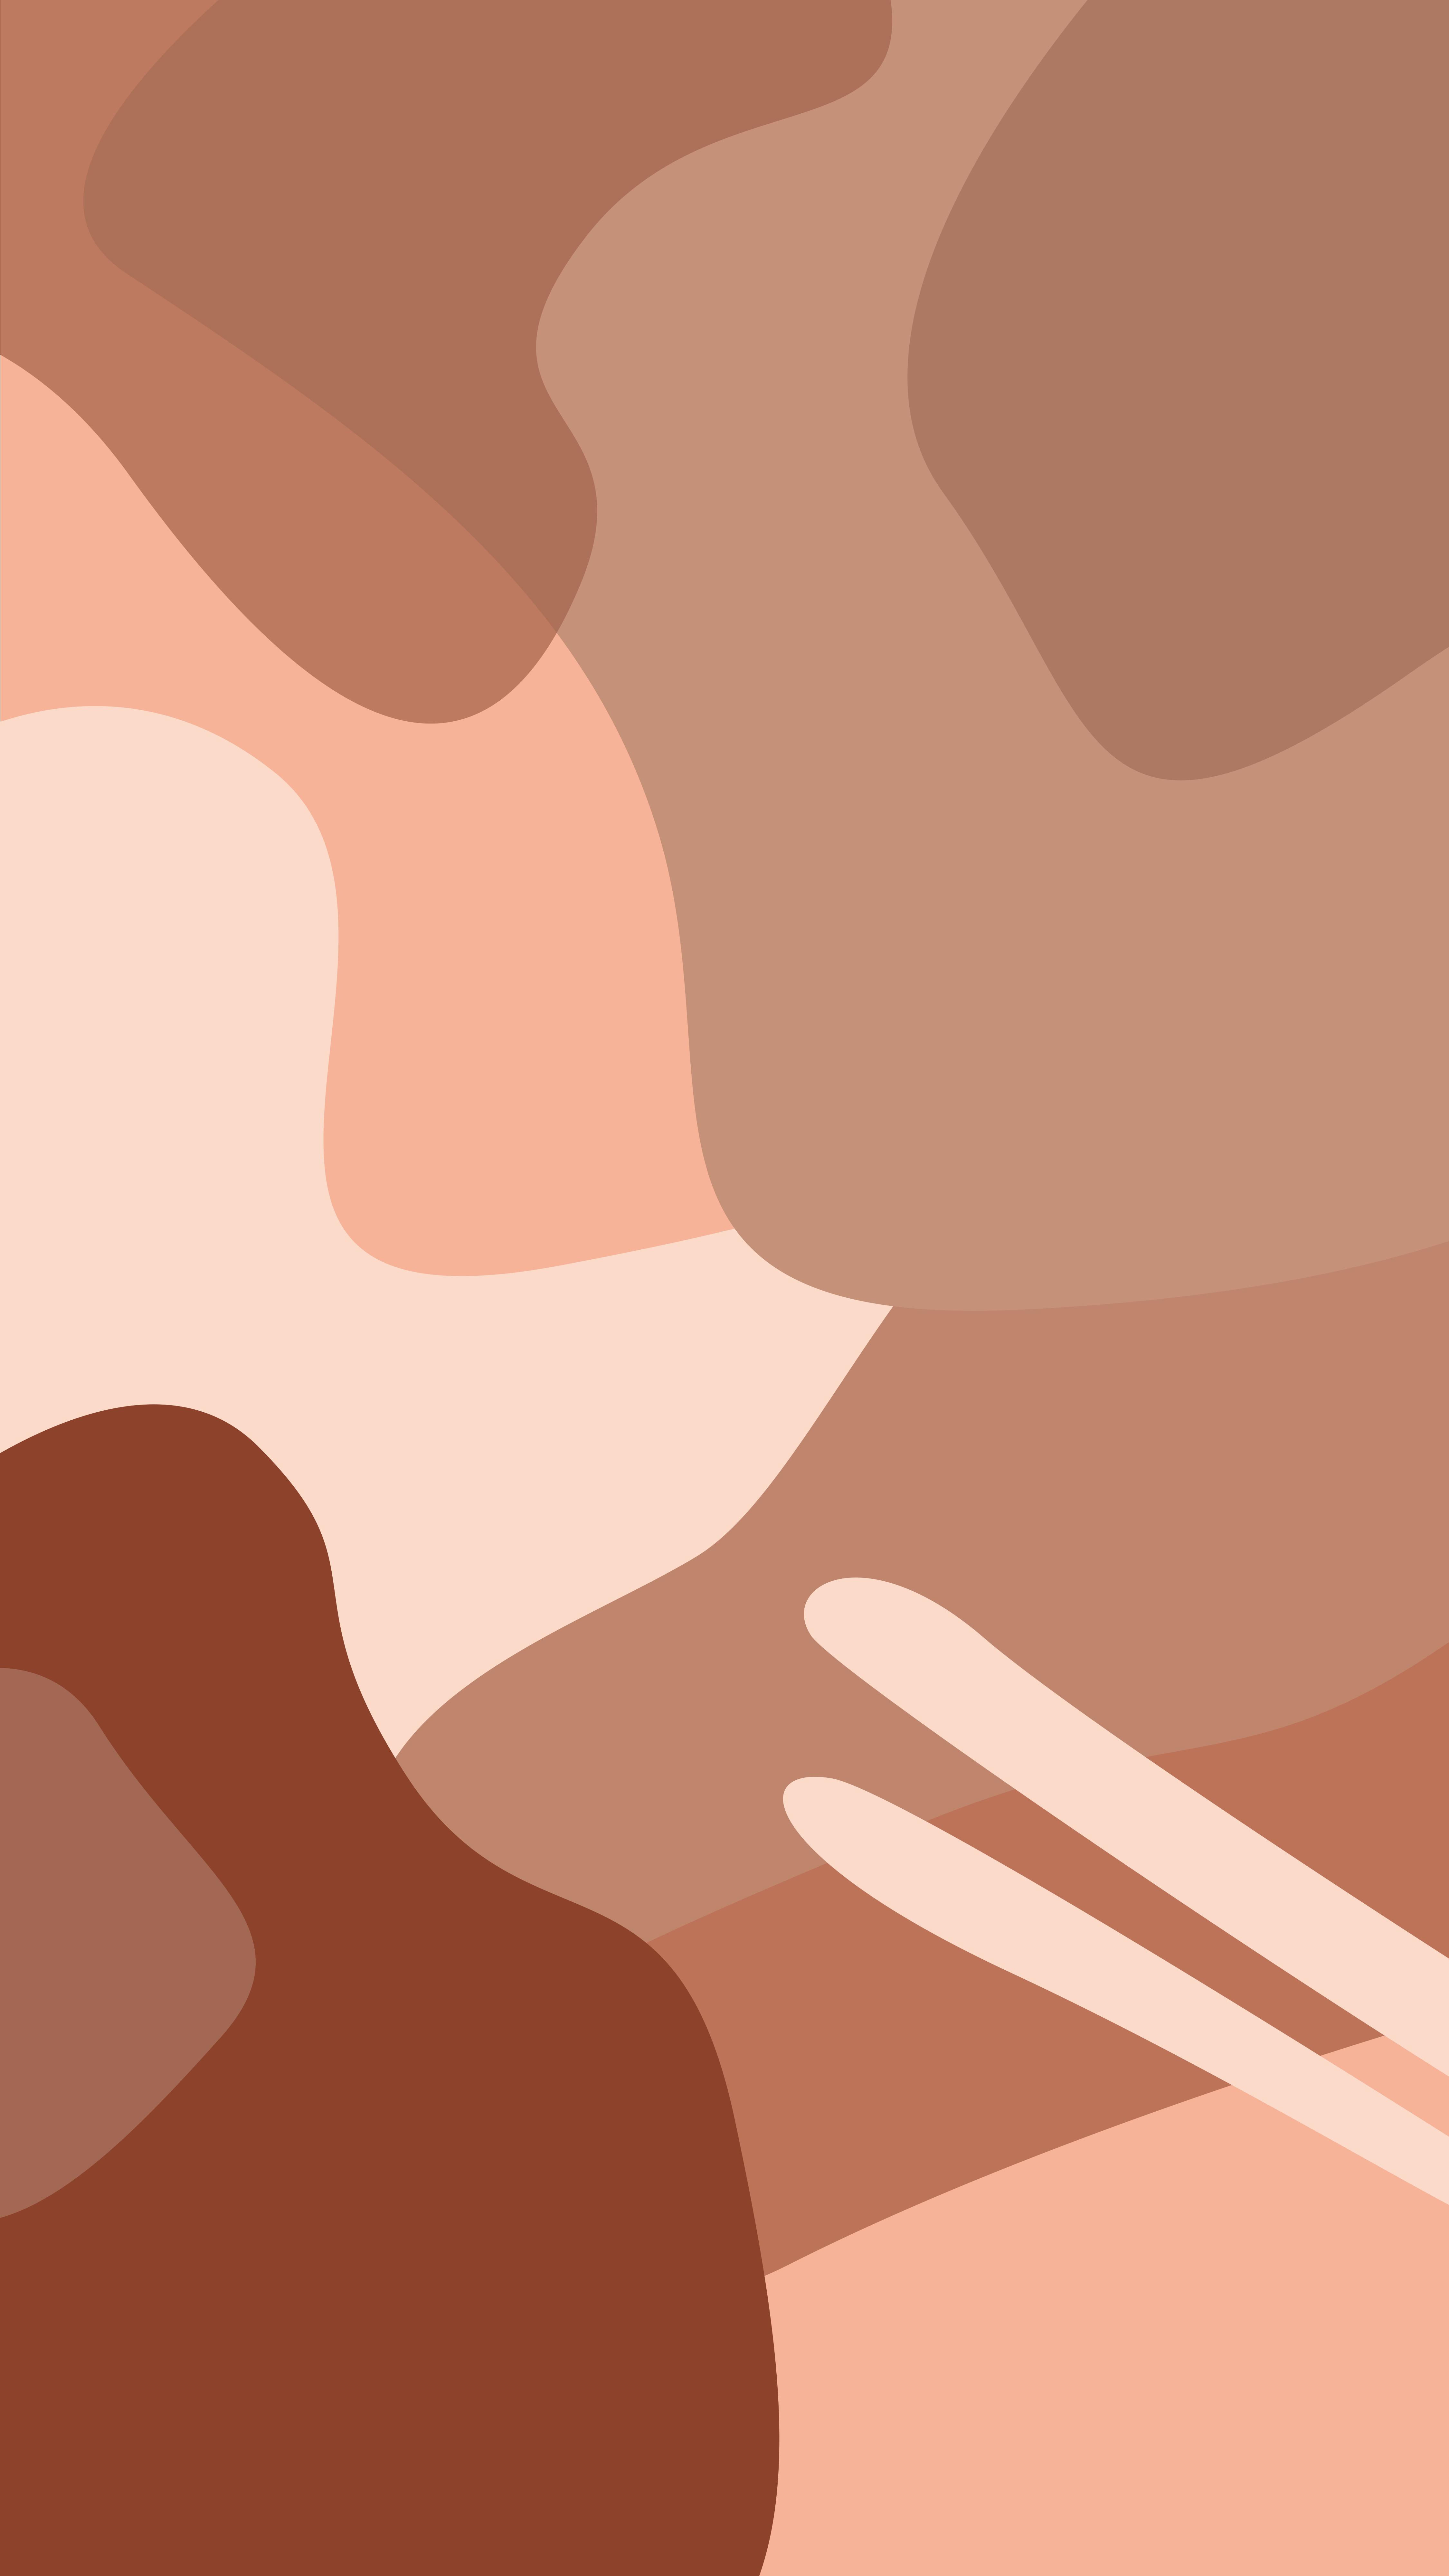 Задний фон - Background - Фон для сторис в Инстаграм - Instagram background - Фон для сторис Задний